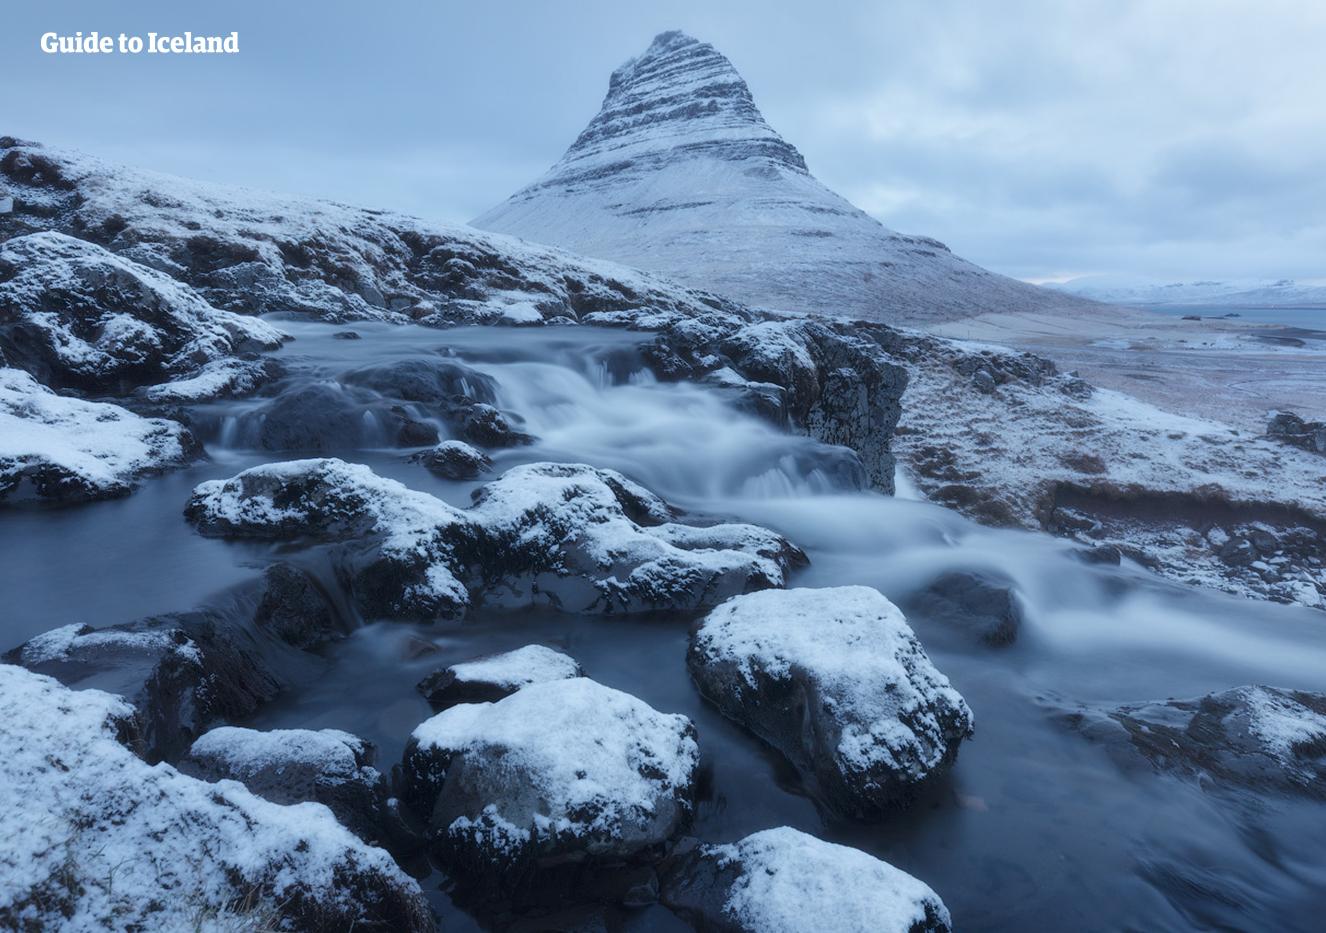 Wenn der Berg Kirkjufell auf der Halbinsel Snaefellsnes im isländischen Winter von Schnee bedeckt ist, sieht er noch spezieller aus.